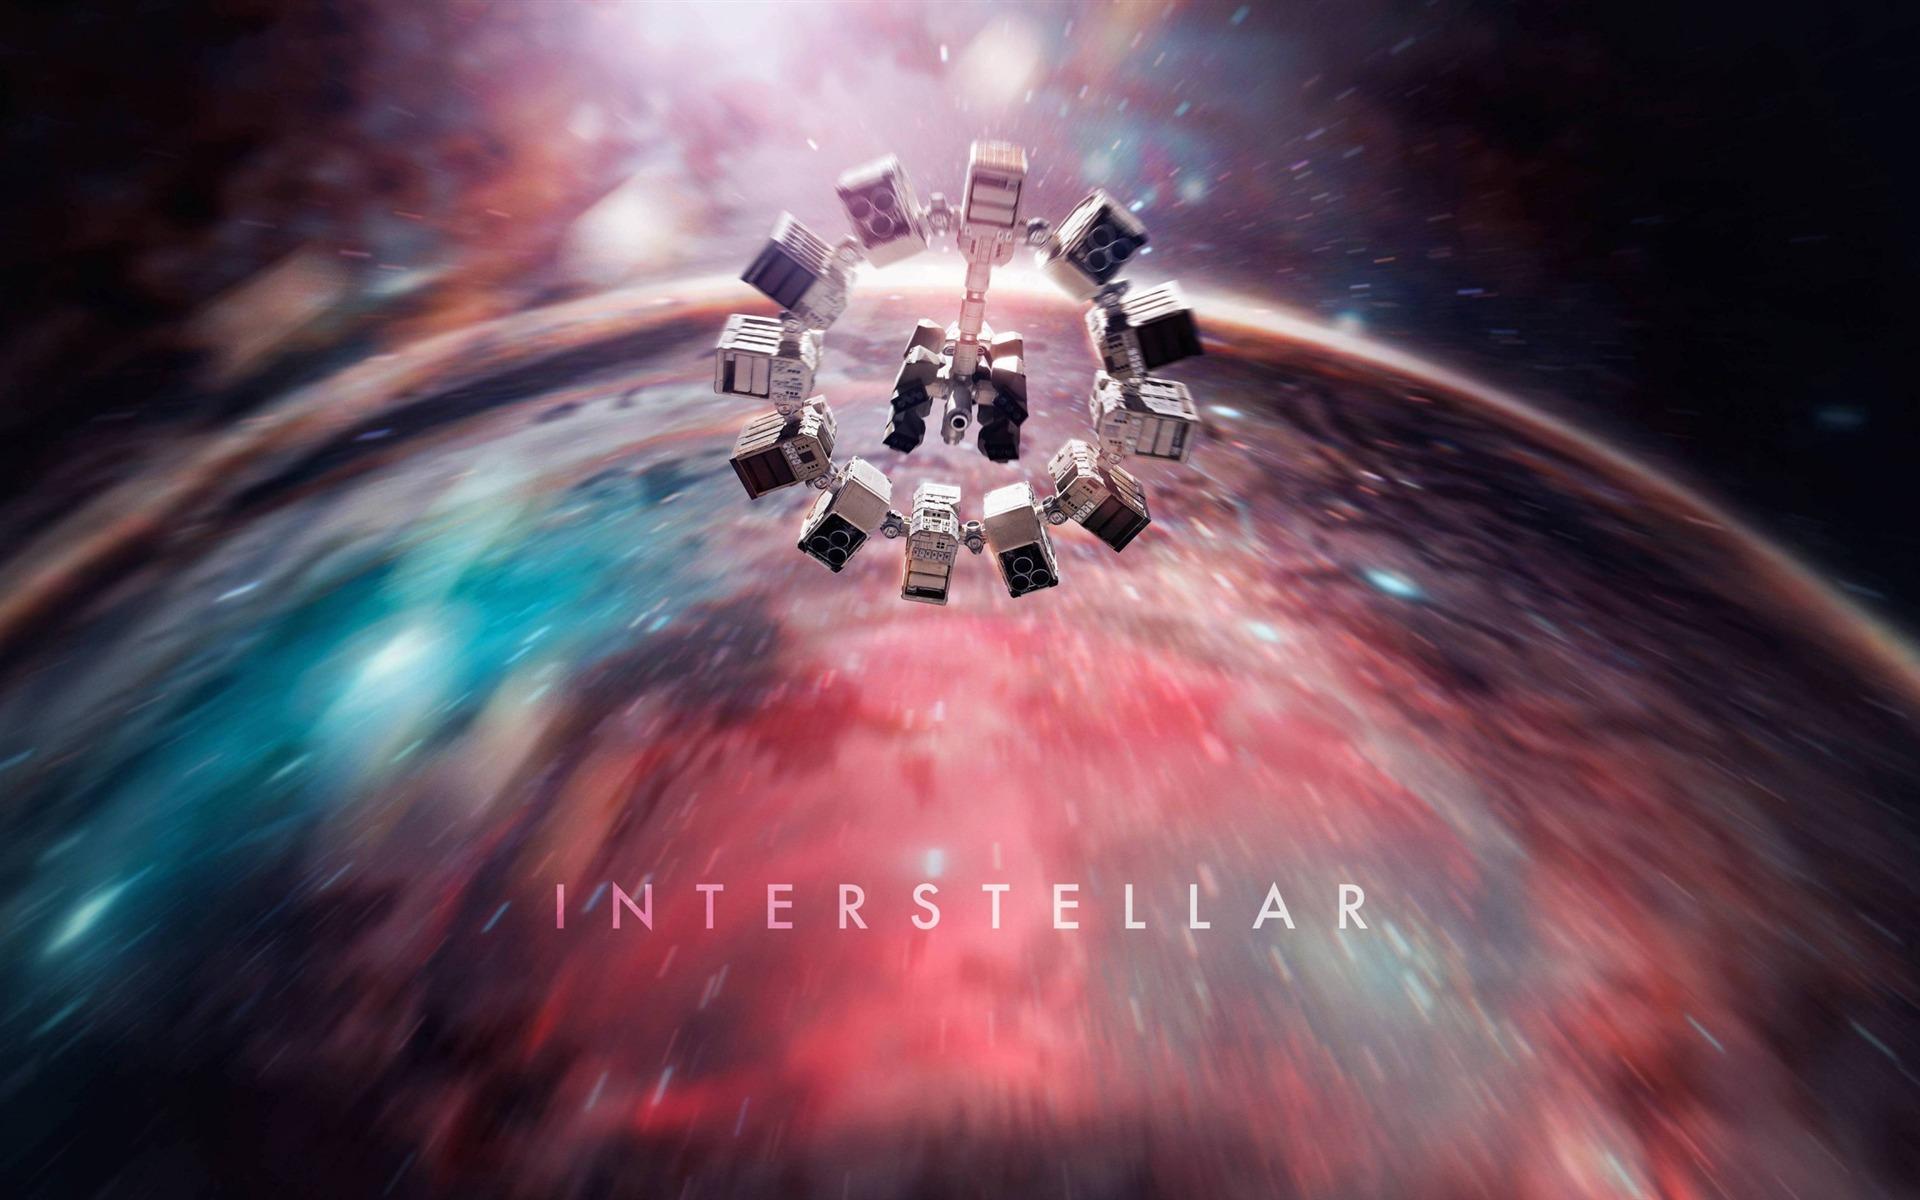 绯闻女孩壁纸_Interstellar Endurance星际穿越-最新电影壁纸预览 | 10wallpaper.com